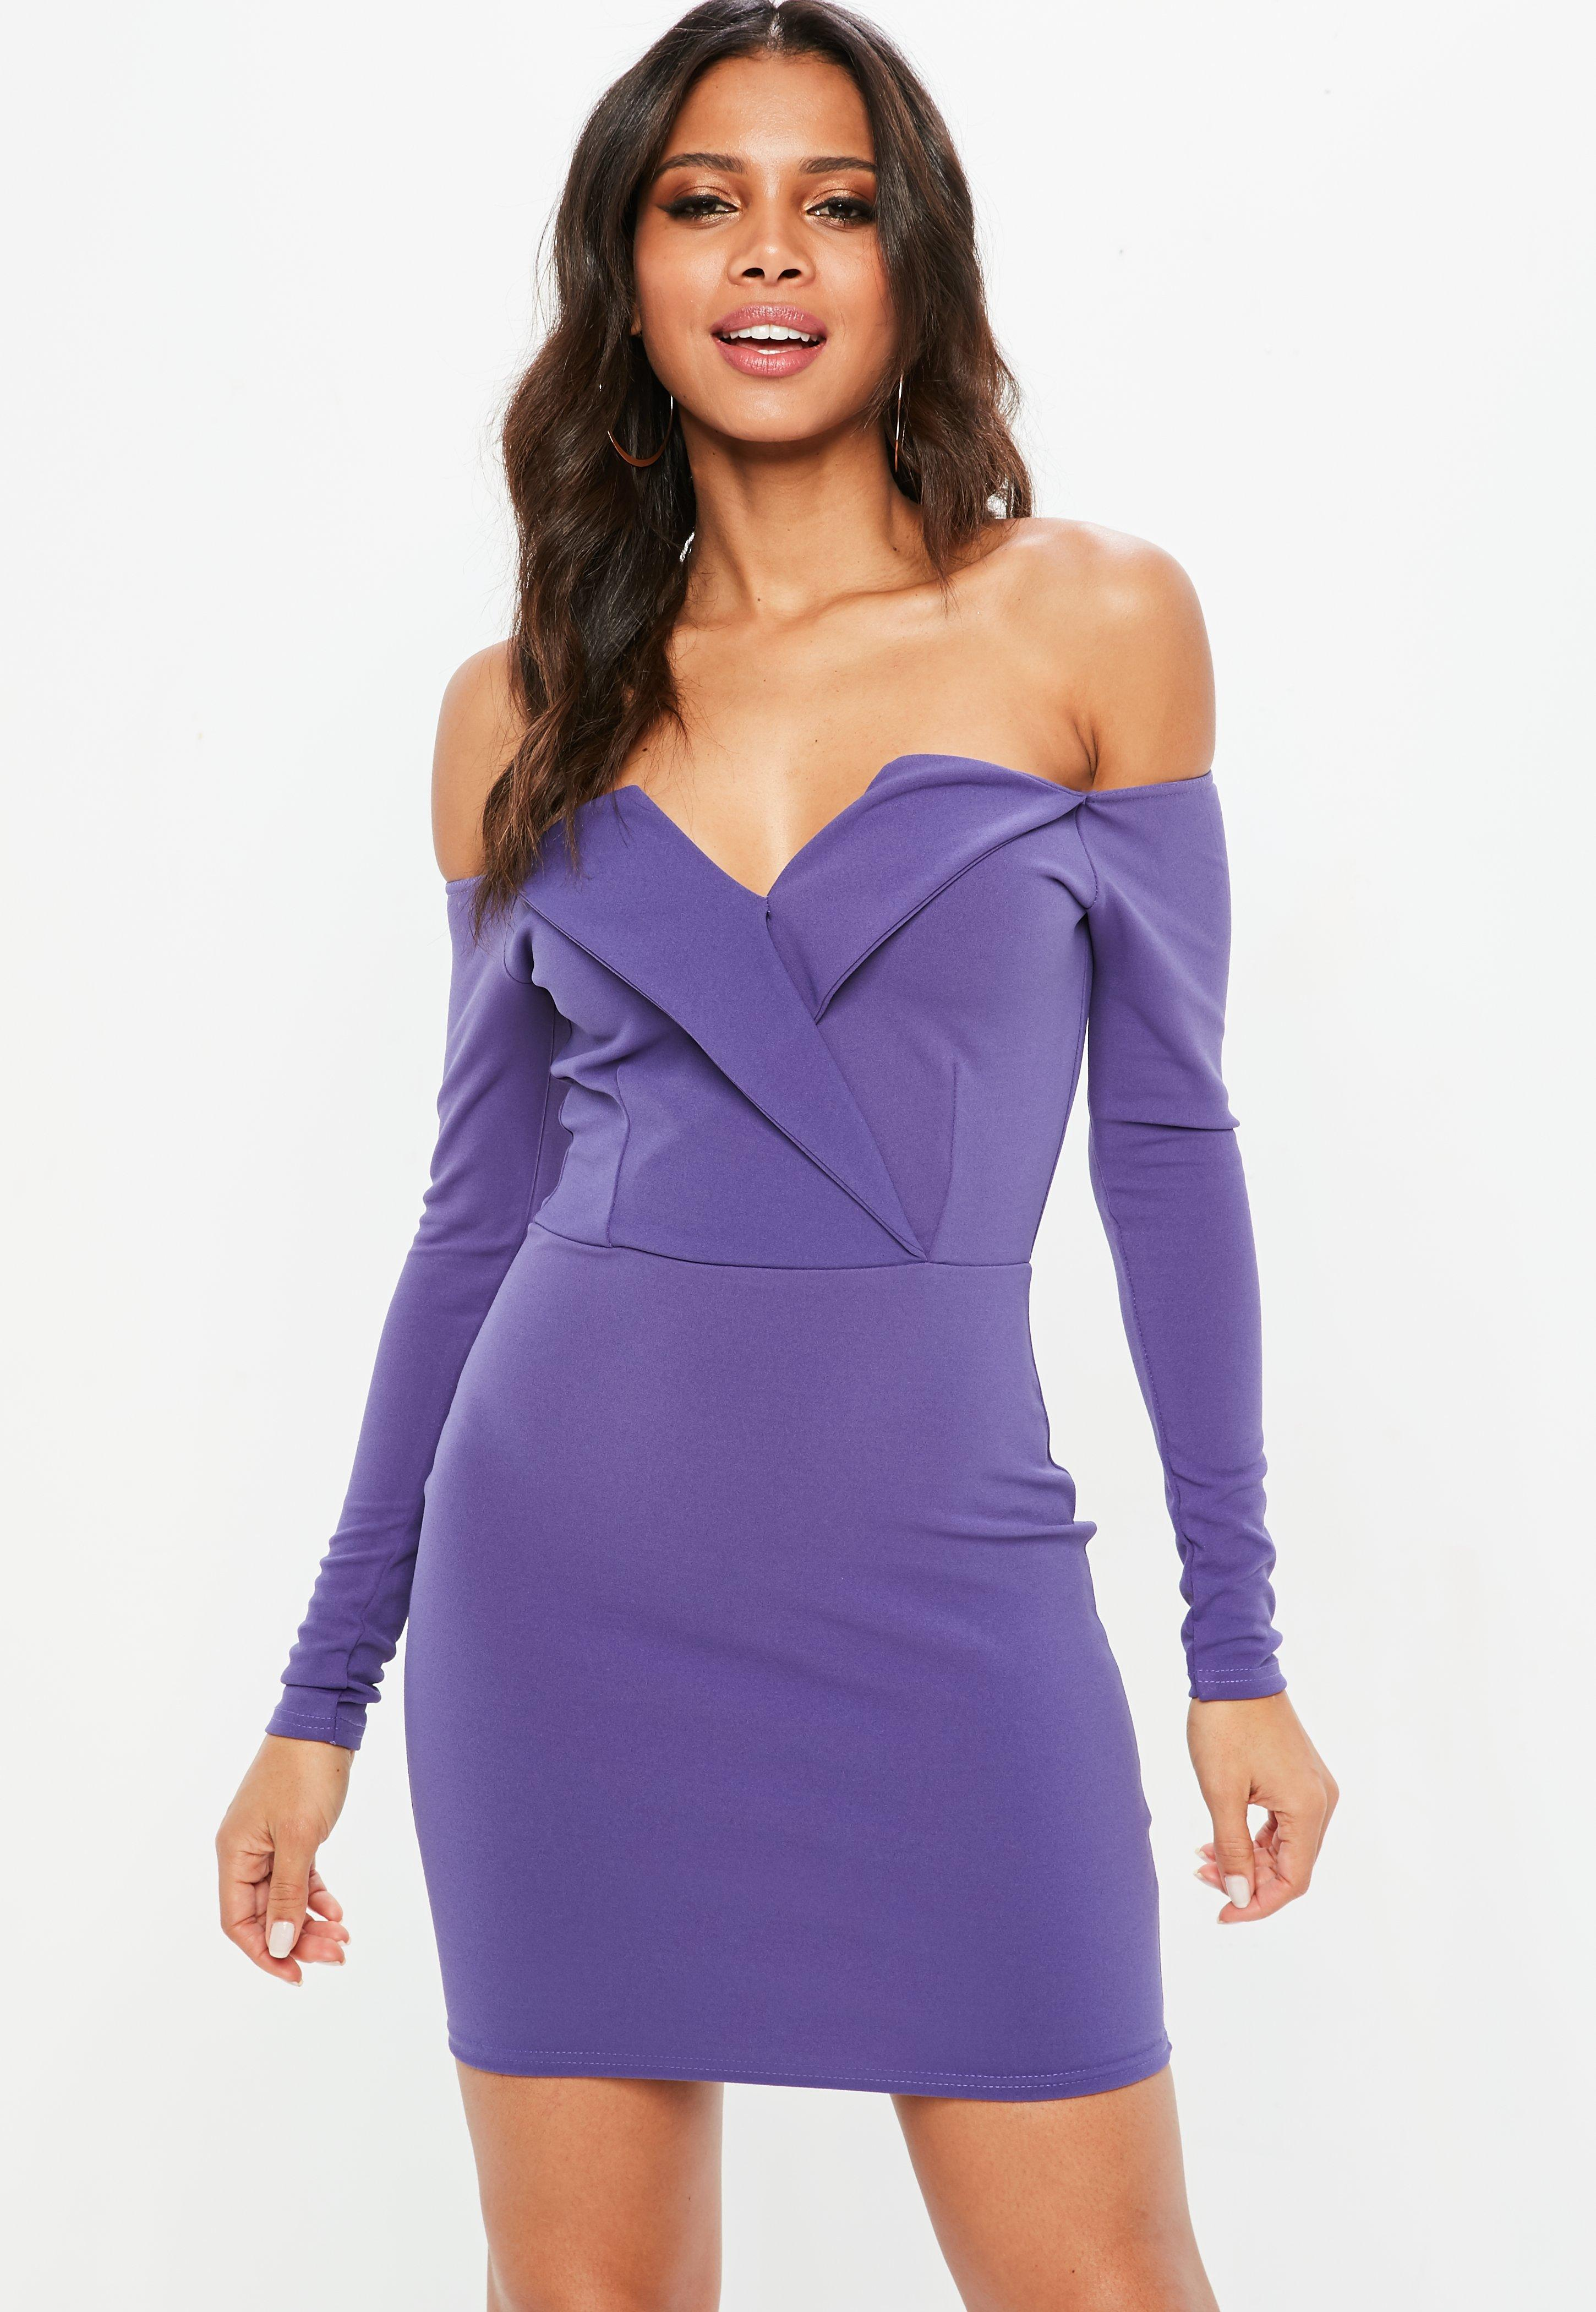 Vestidos en rebajas | Vestidos baratos - Missguided